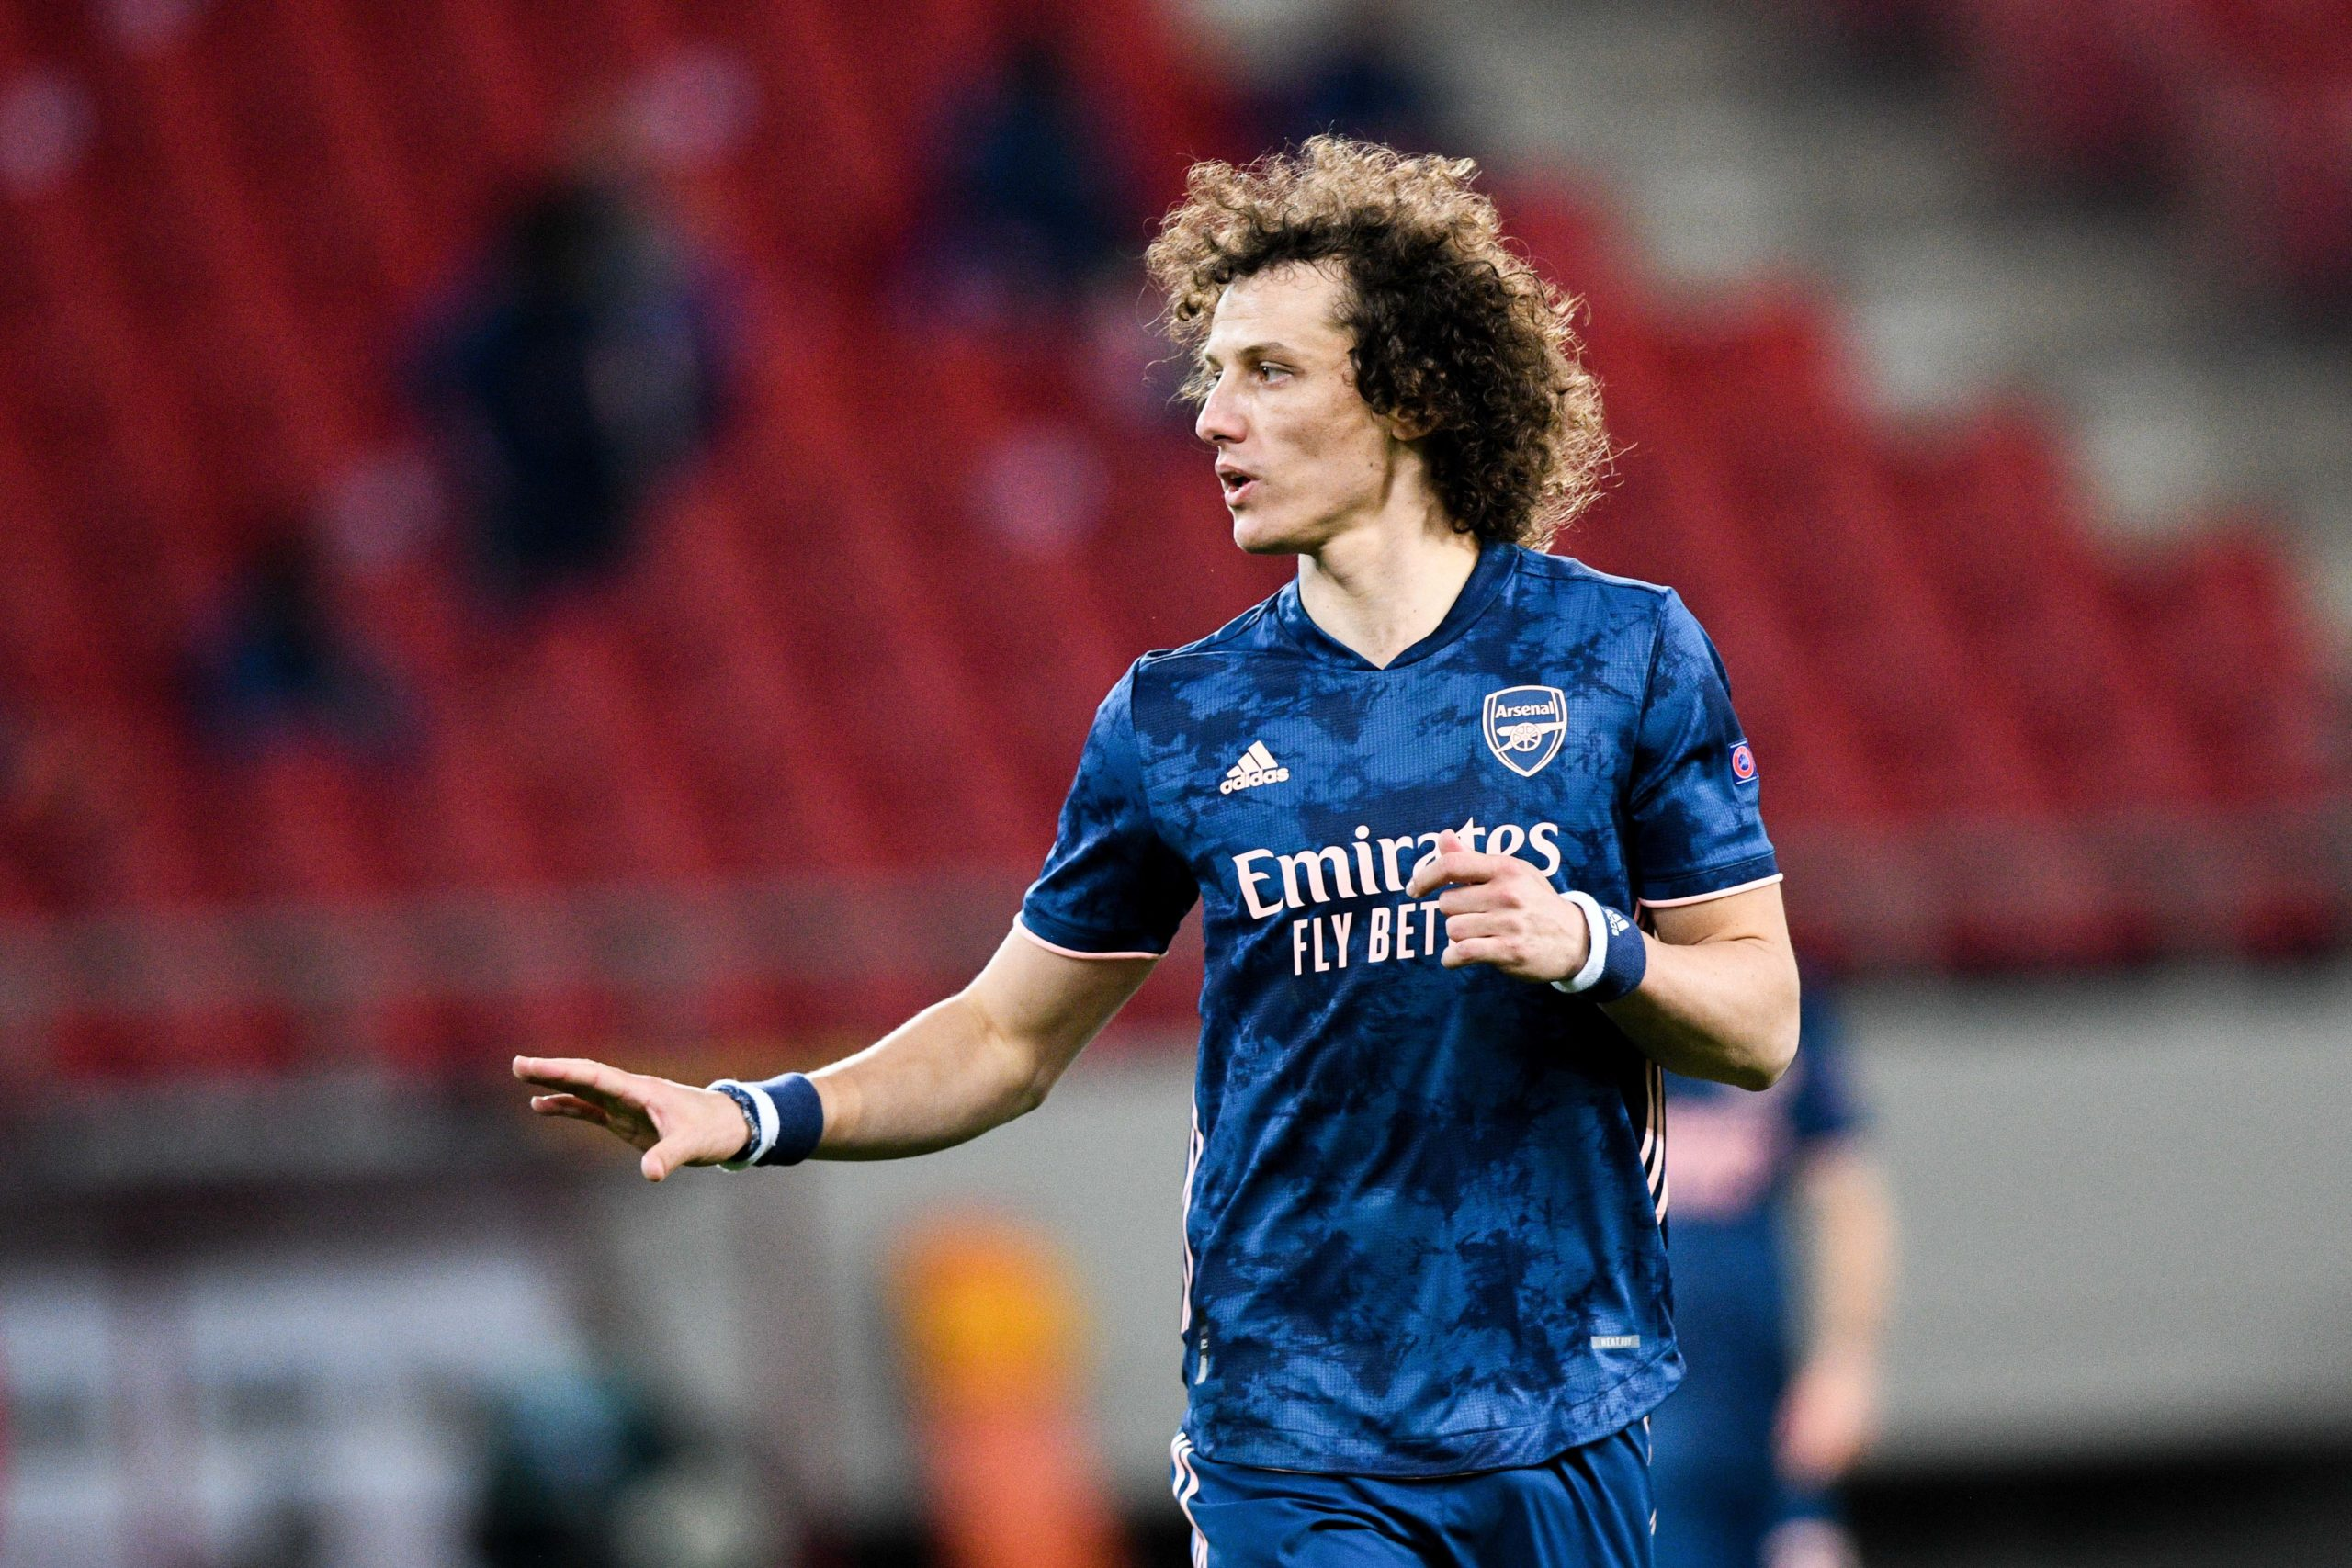 Mercato OM : En plus de Guendouzi, David Luiz est évoqué à Marseille